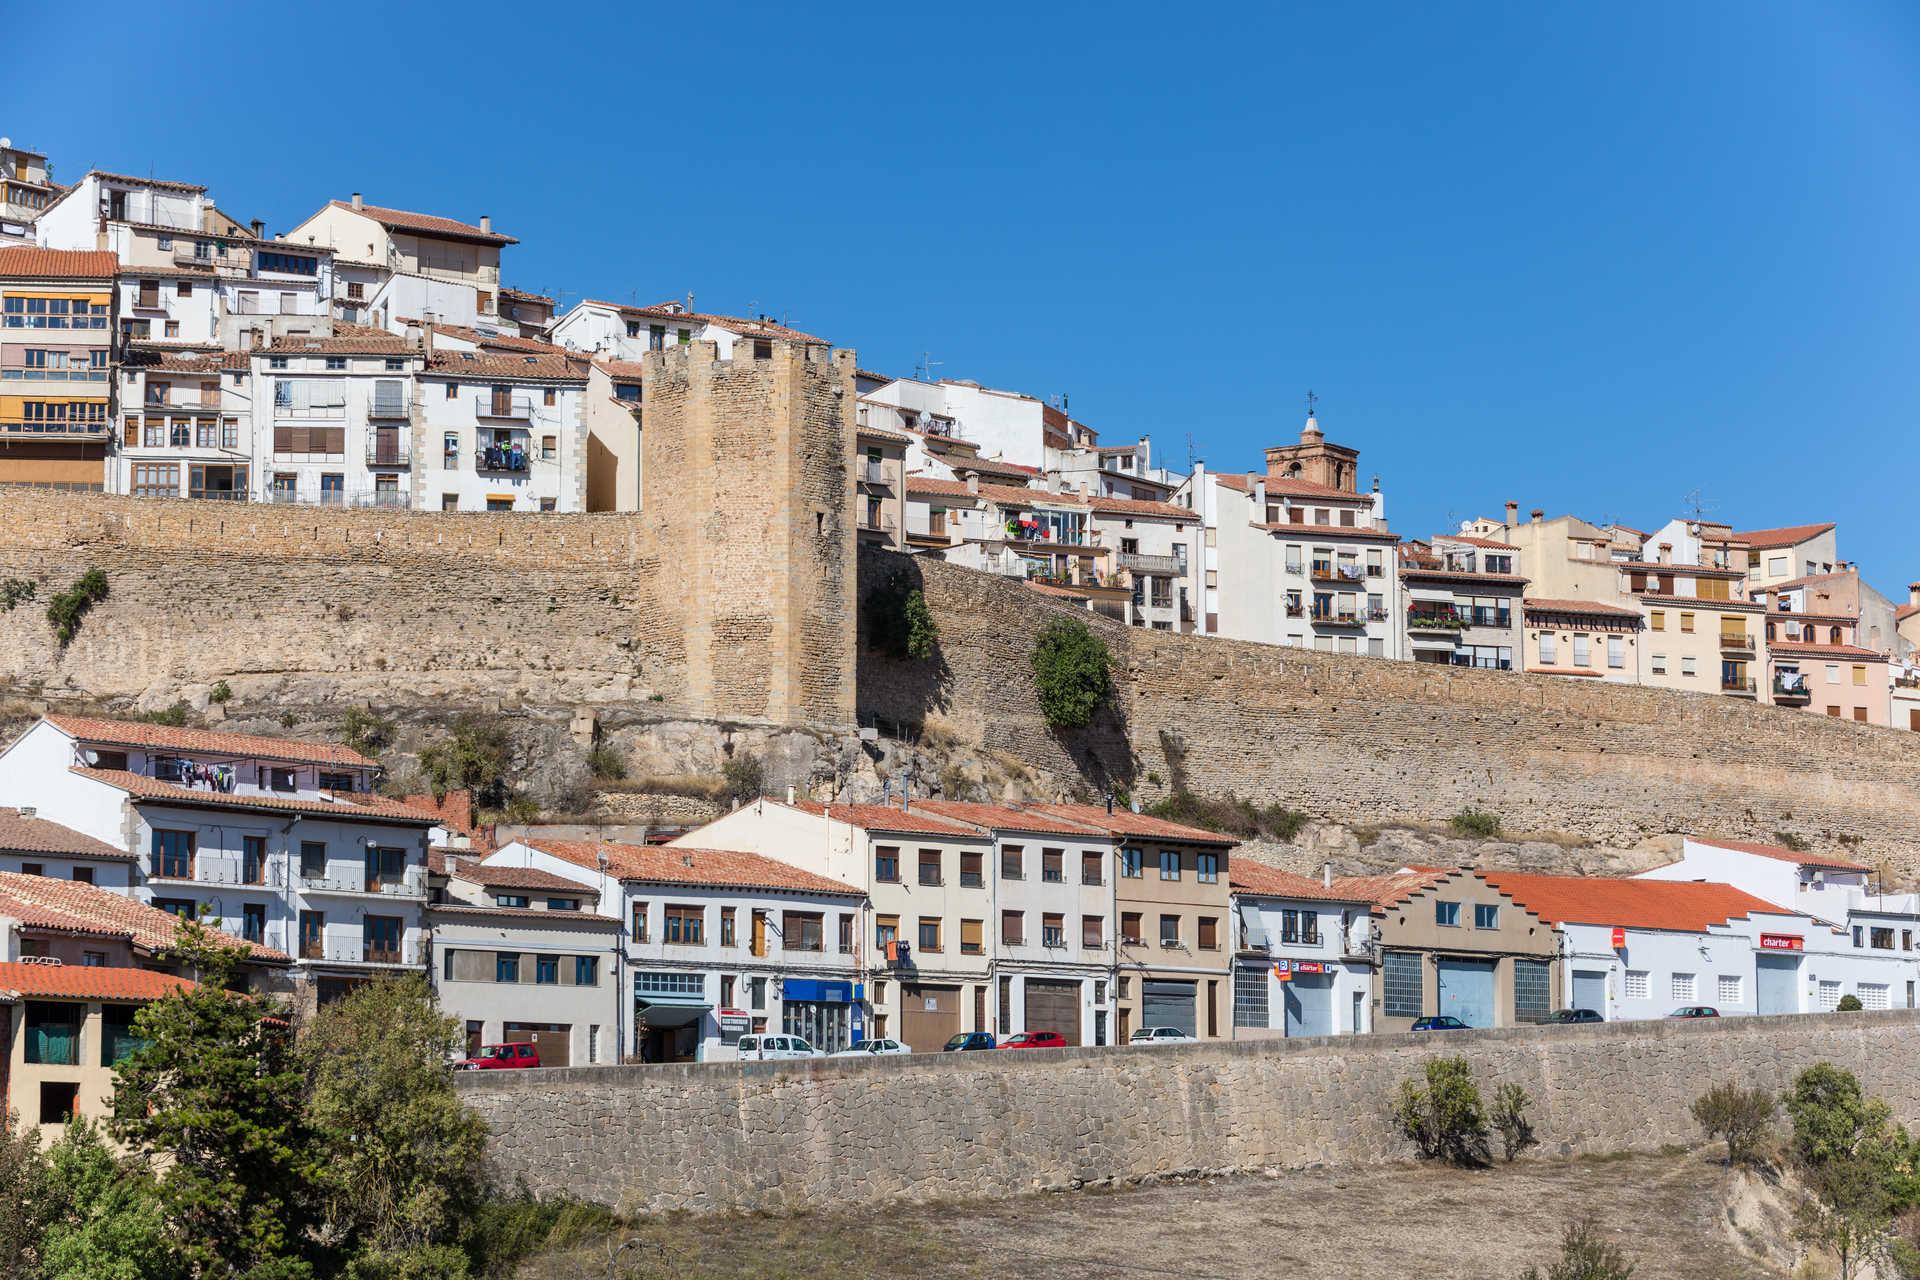 Burg Und Mauern